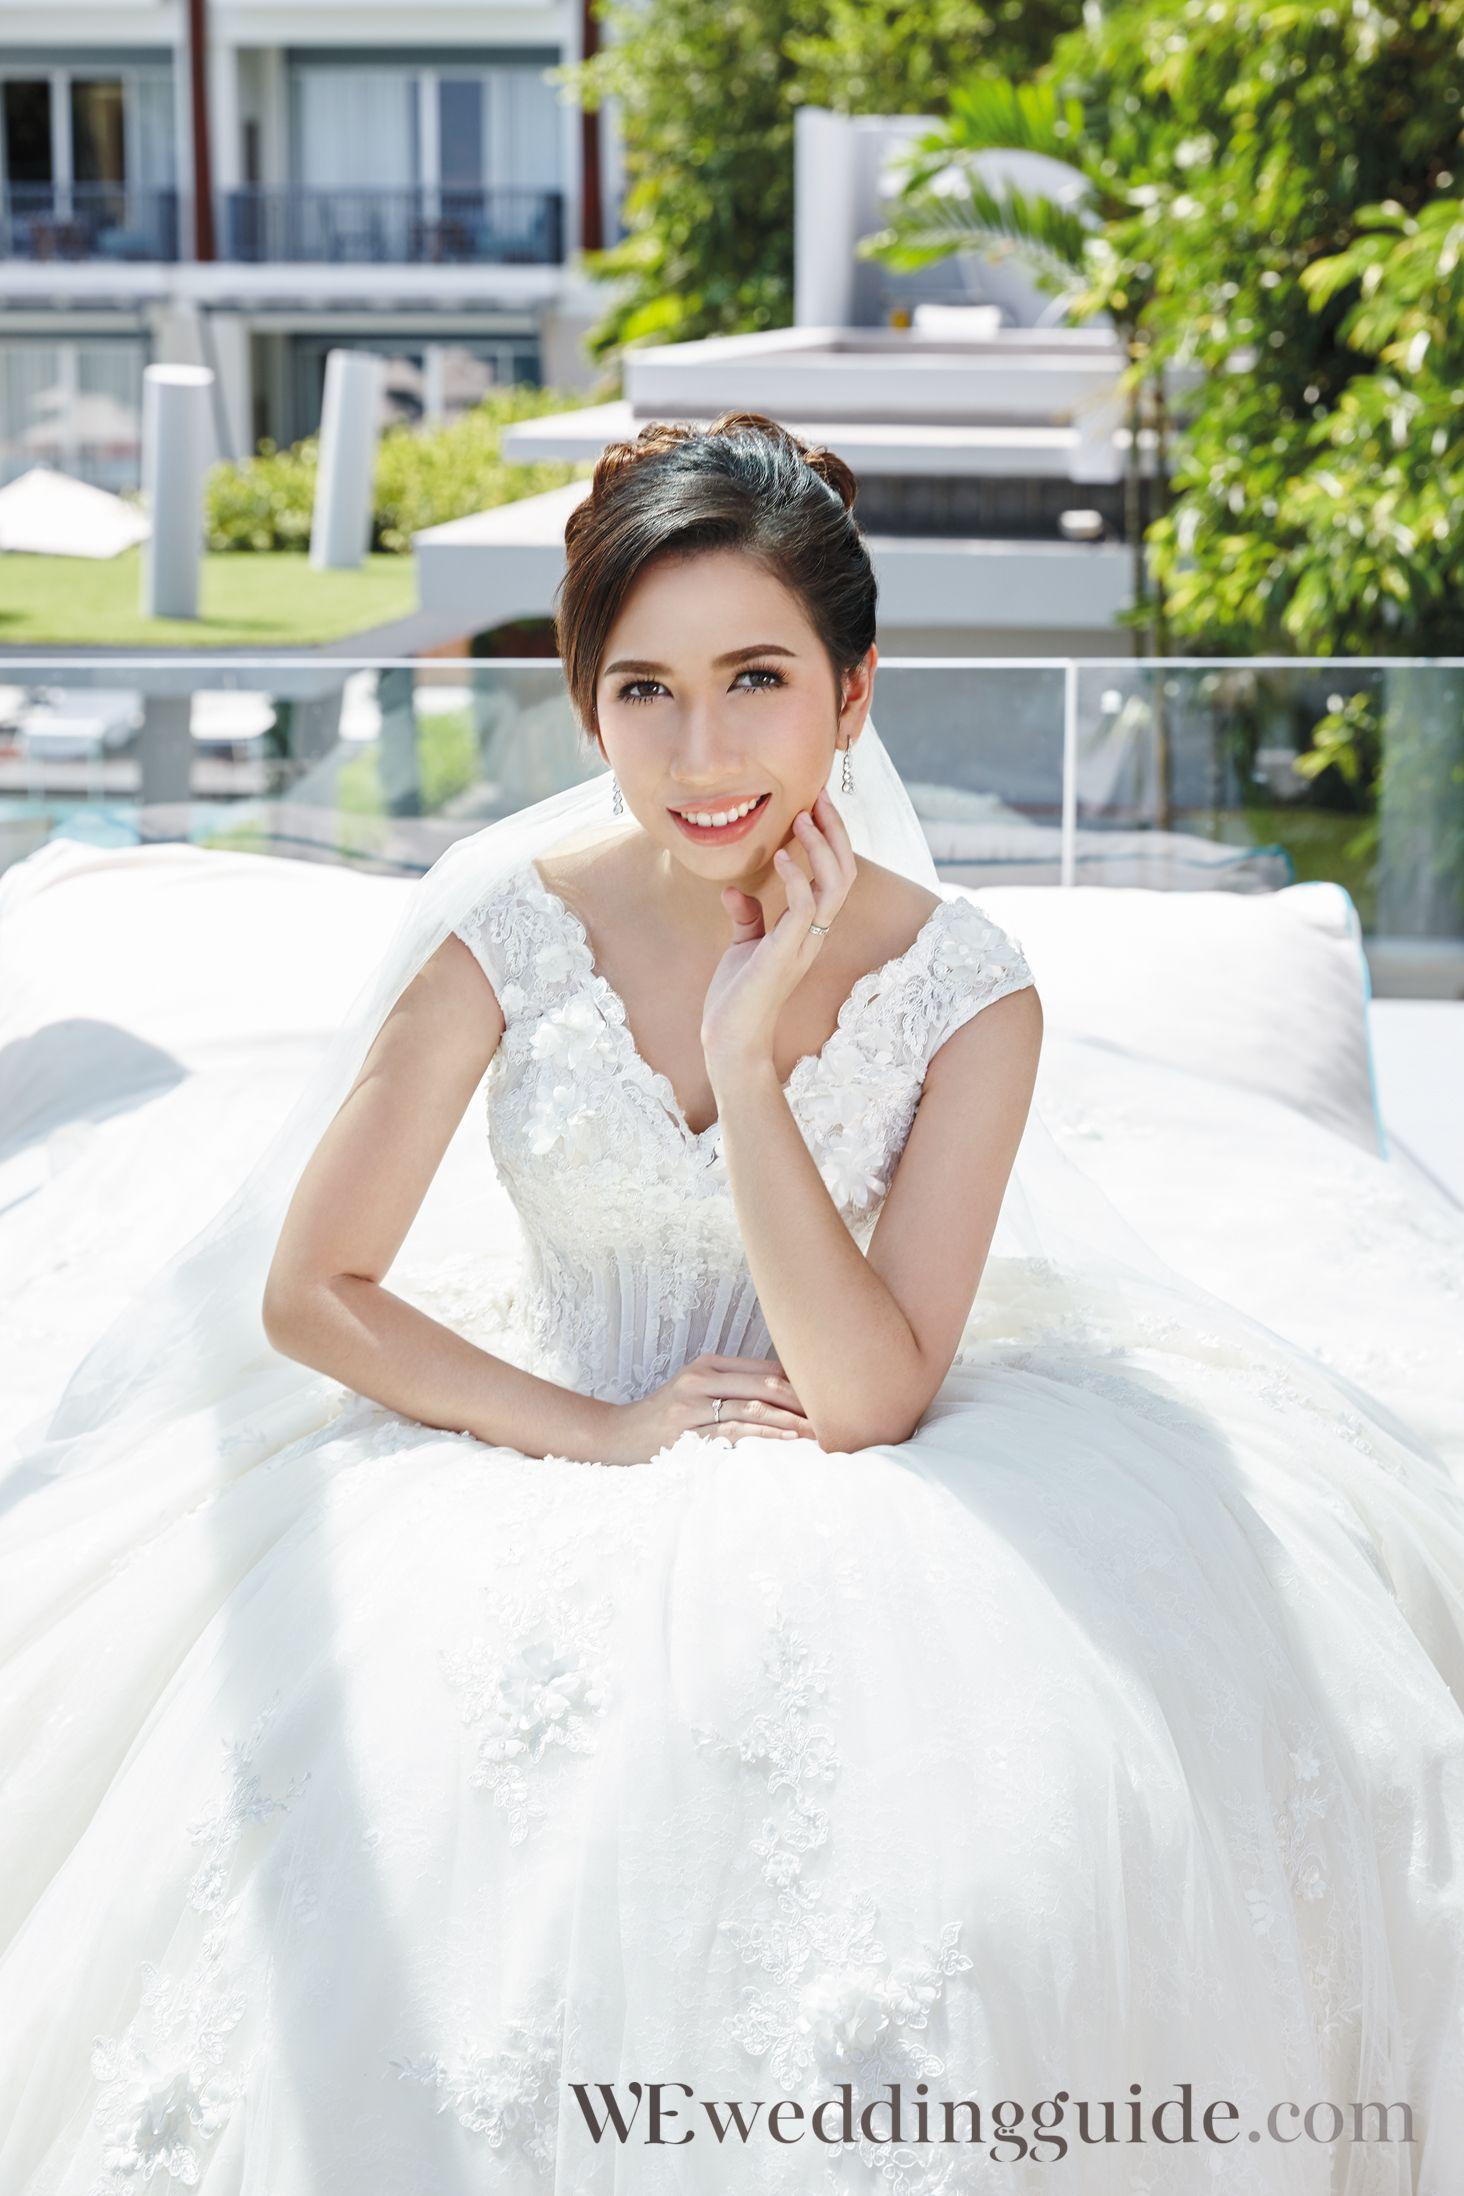 คุณปลาย สุภิชญ์ฌา ลาภพานิช และ คุณภูมิ ภาคภูมิ อุ่นจิตติ จากคอลัมน์ WE On The Beach / Suit&Dress : Feliz Wedding Studio / Issue 151 WE Magazine Thailand, November 2016 / Photographer : วิรัช / Stylist : กุลกณิช